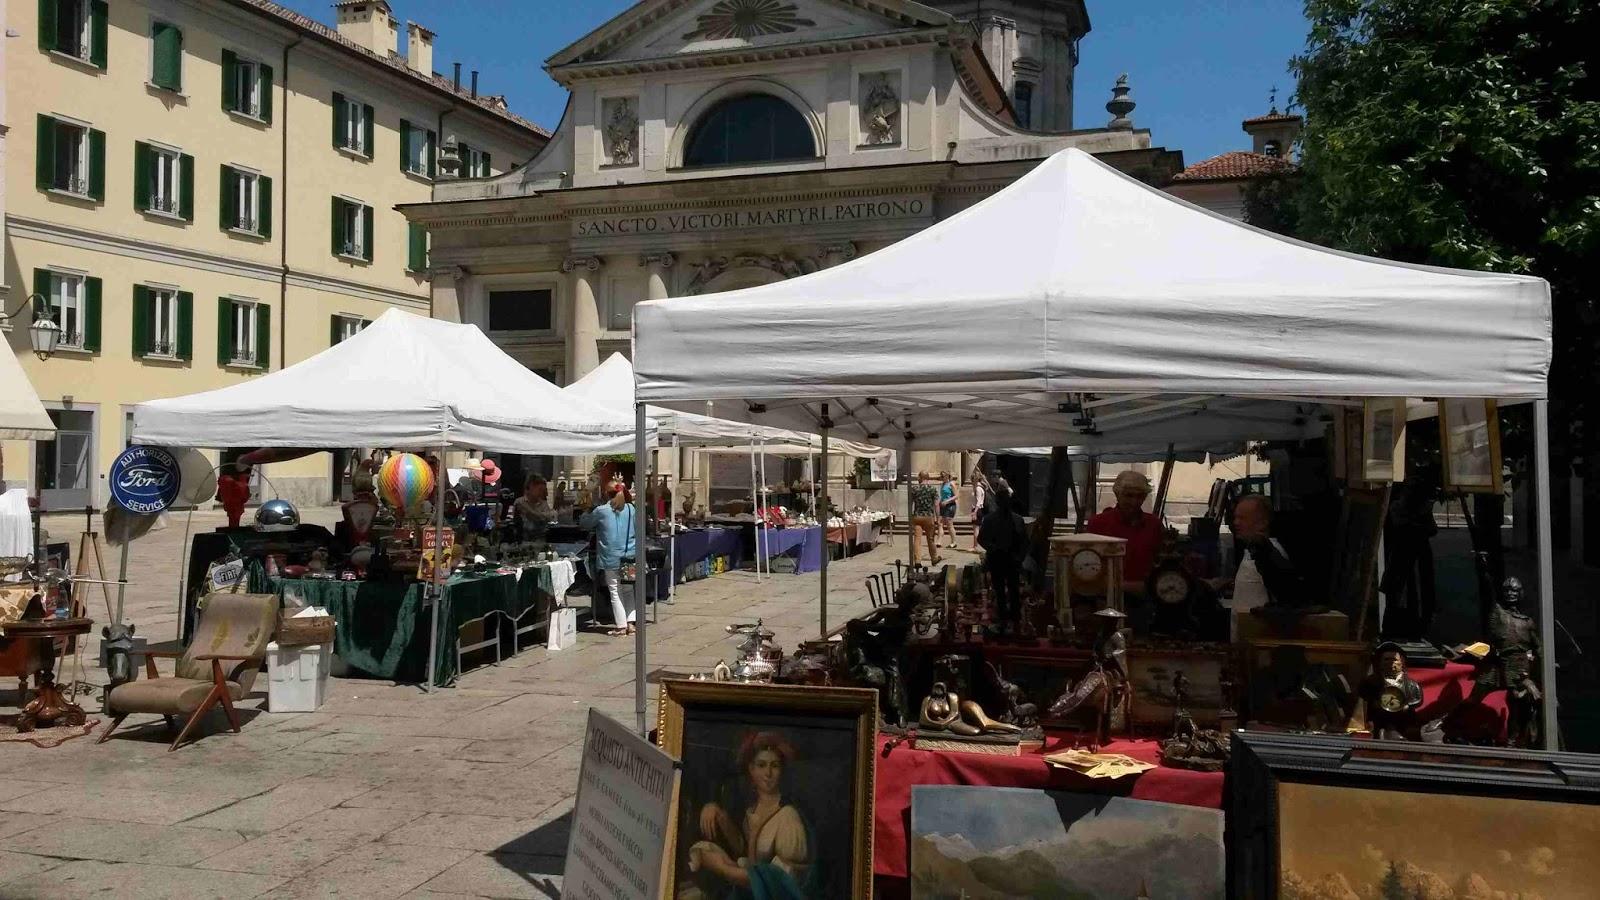 Olonaweb guida ai mercatini dell 39 usato della valle olona - Mercatini varese ...